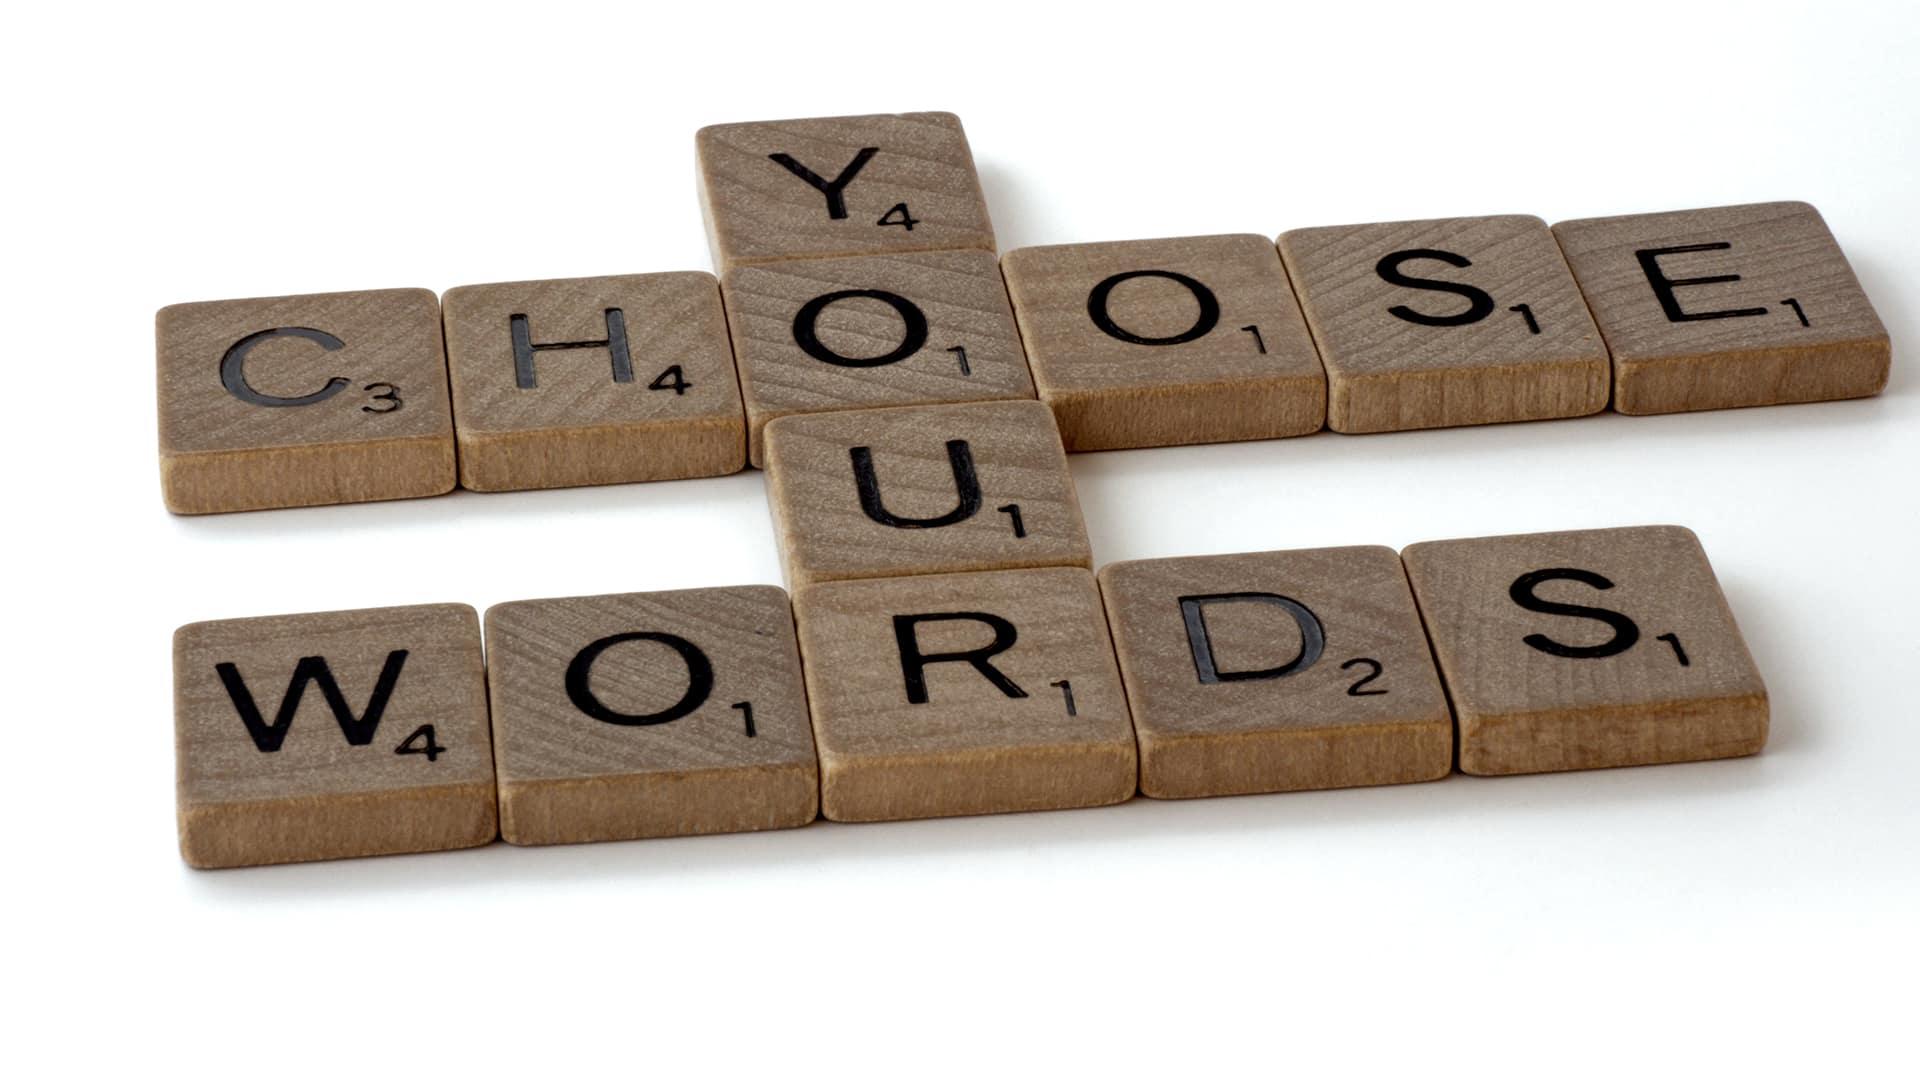 scegliere le parole